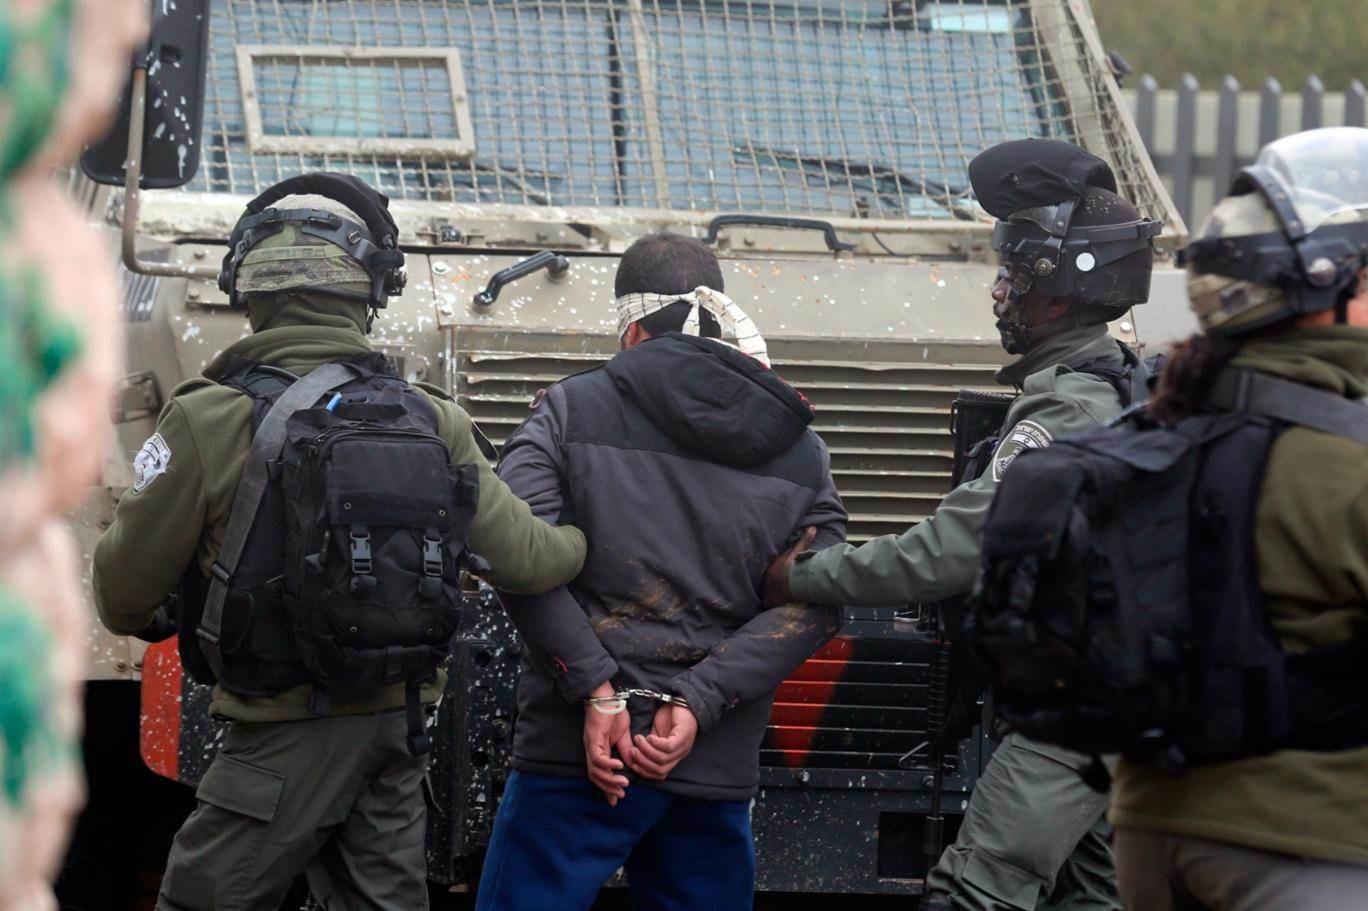 مؤسسات الأسرى: الاحتلال اعتقل 2330 فلسطيني/ة في النصف الأول من 2020